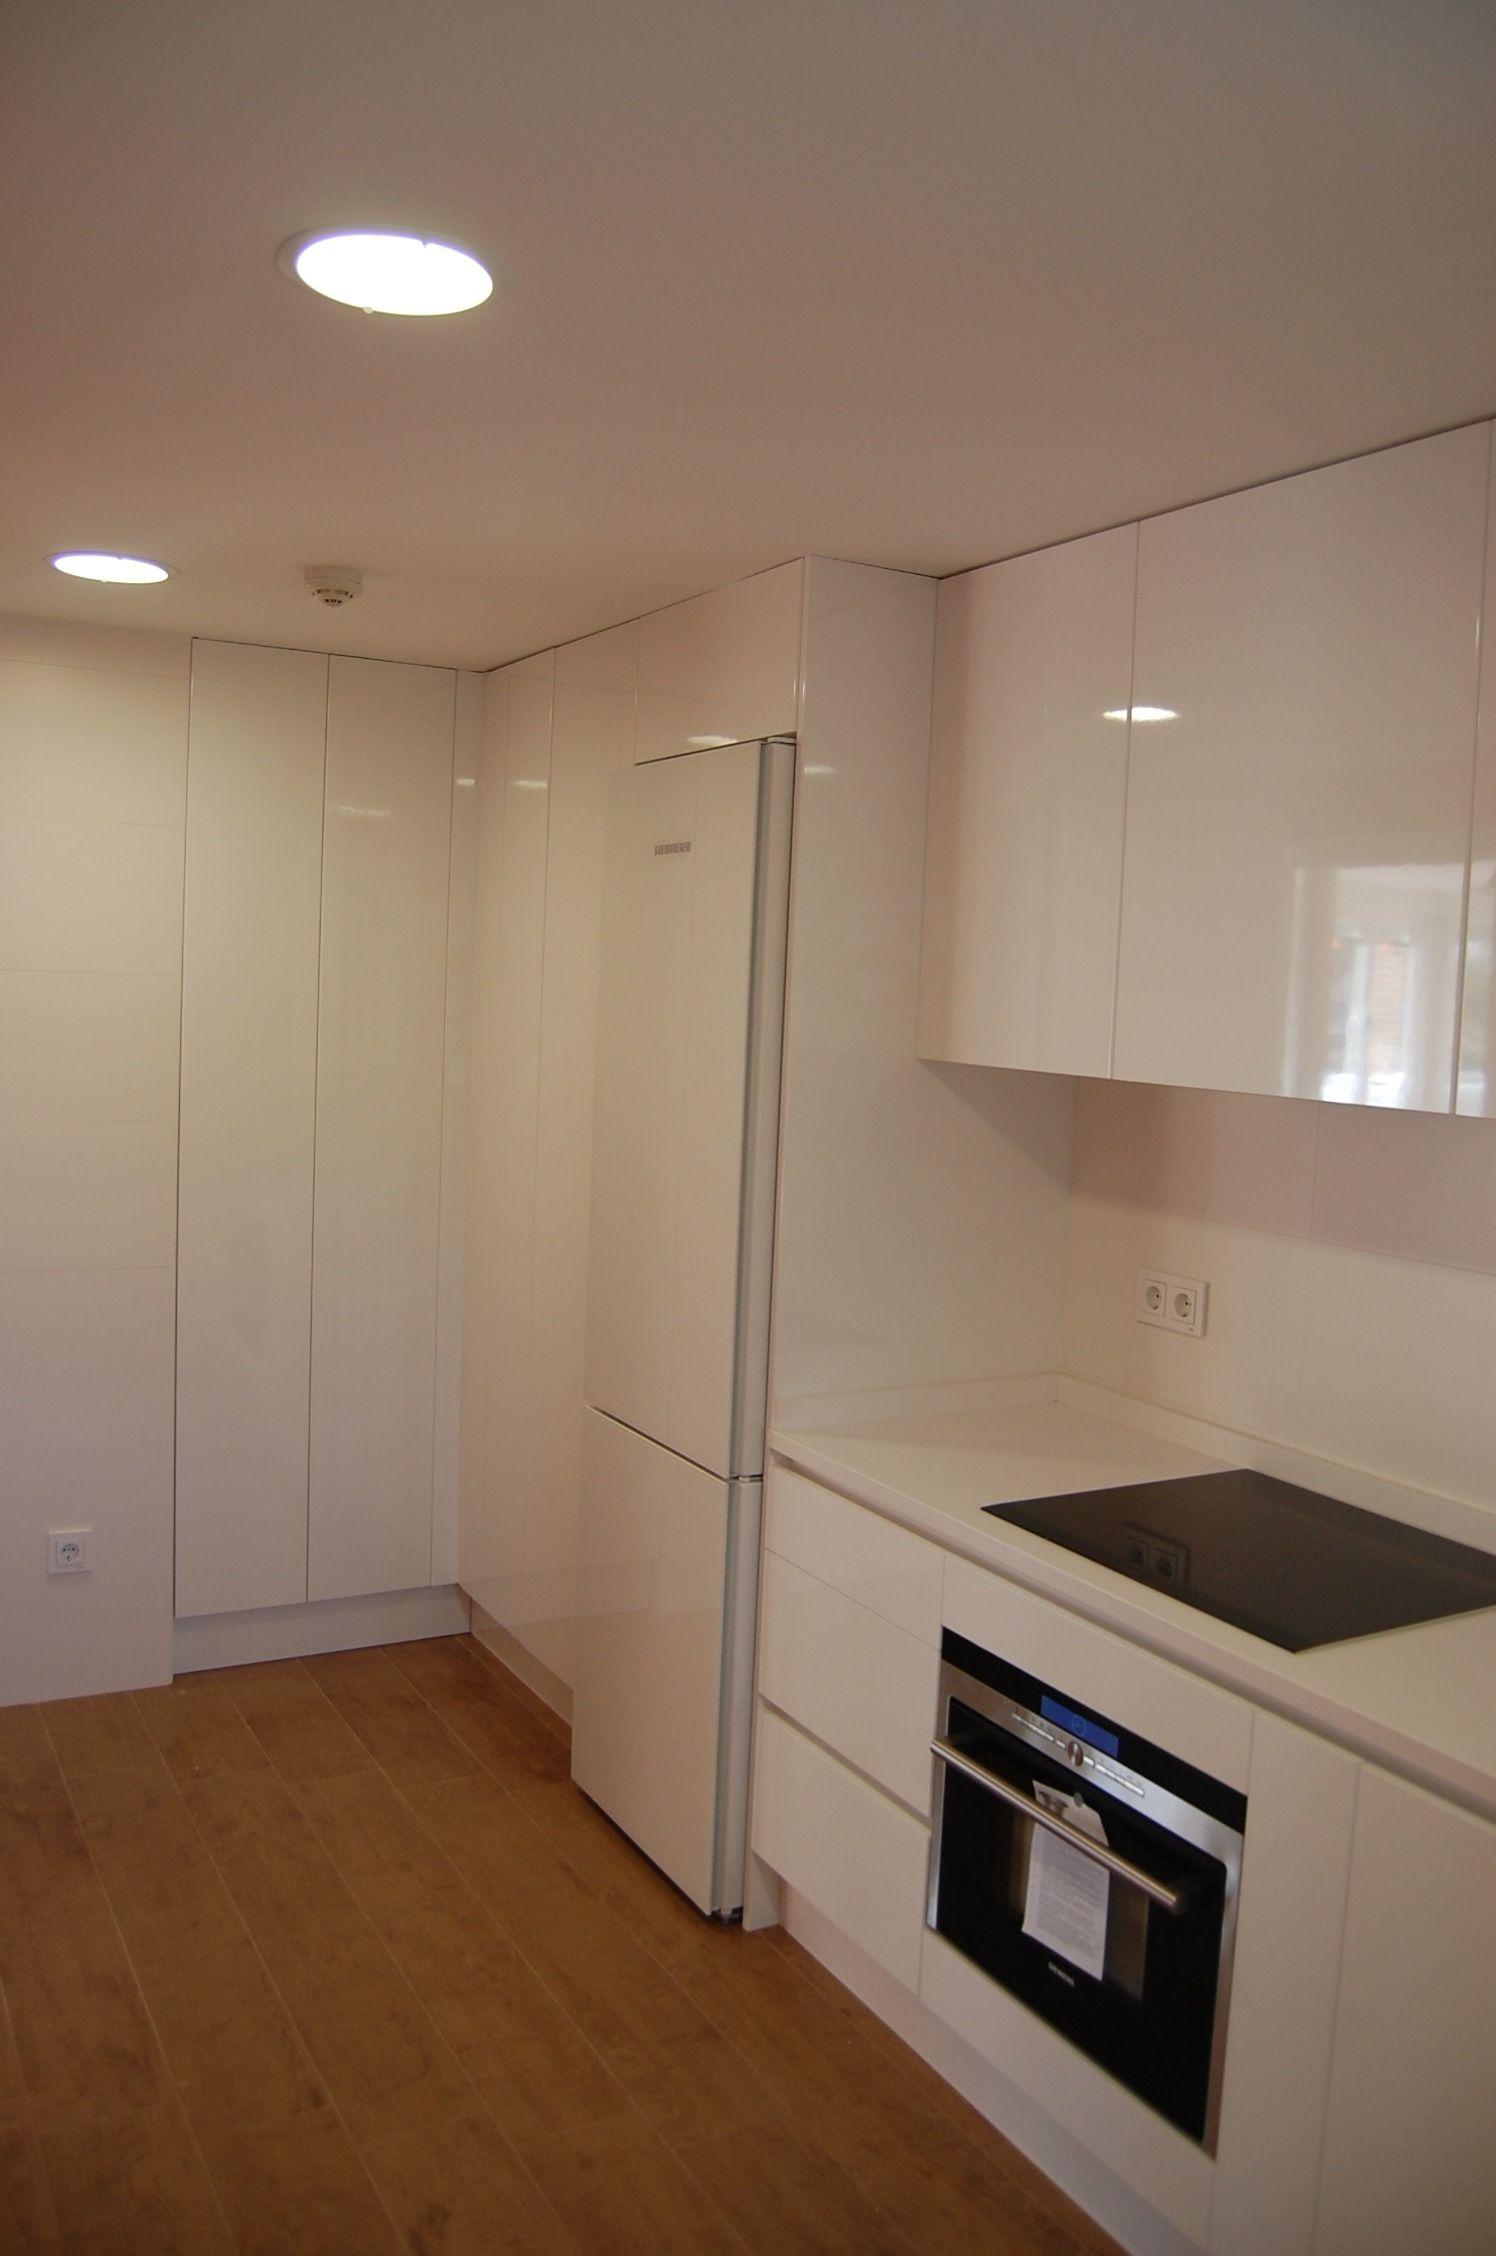 cocina moderna minimalista en blanco con suelo de madera en